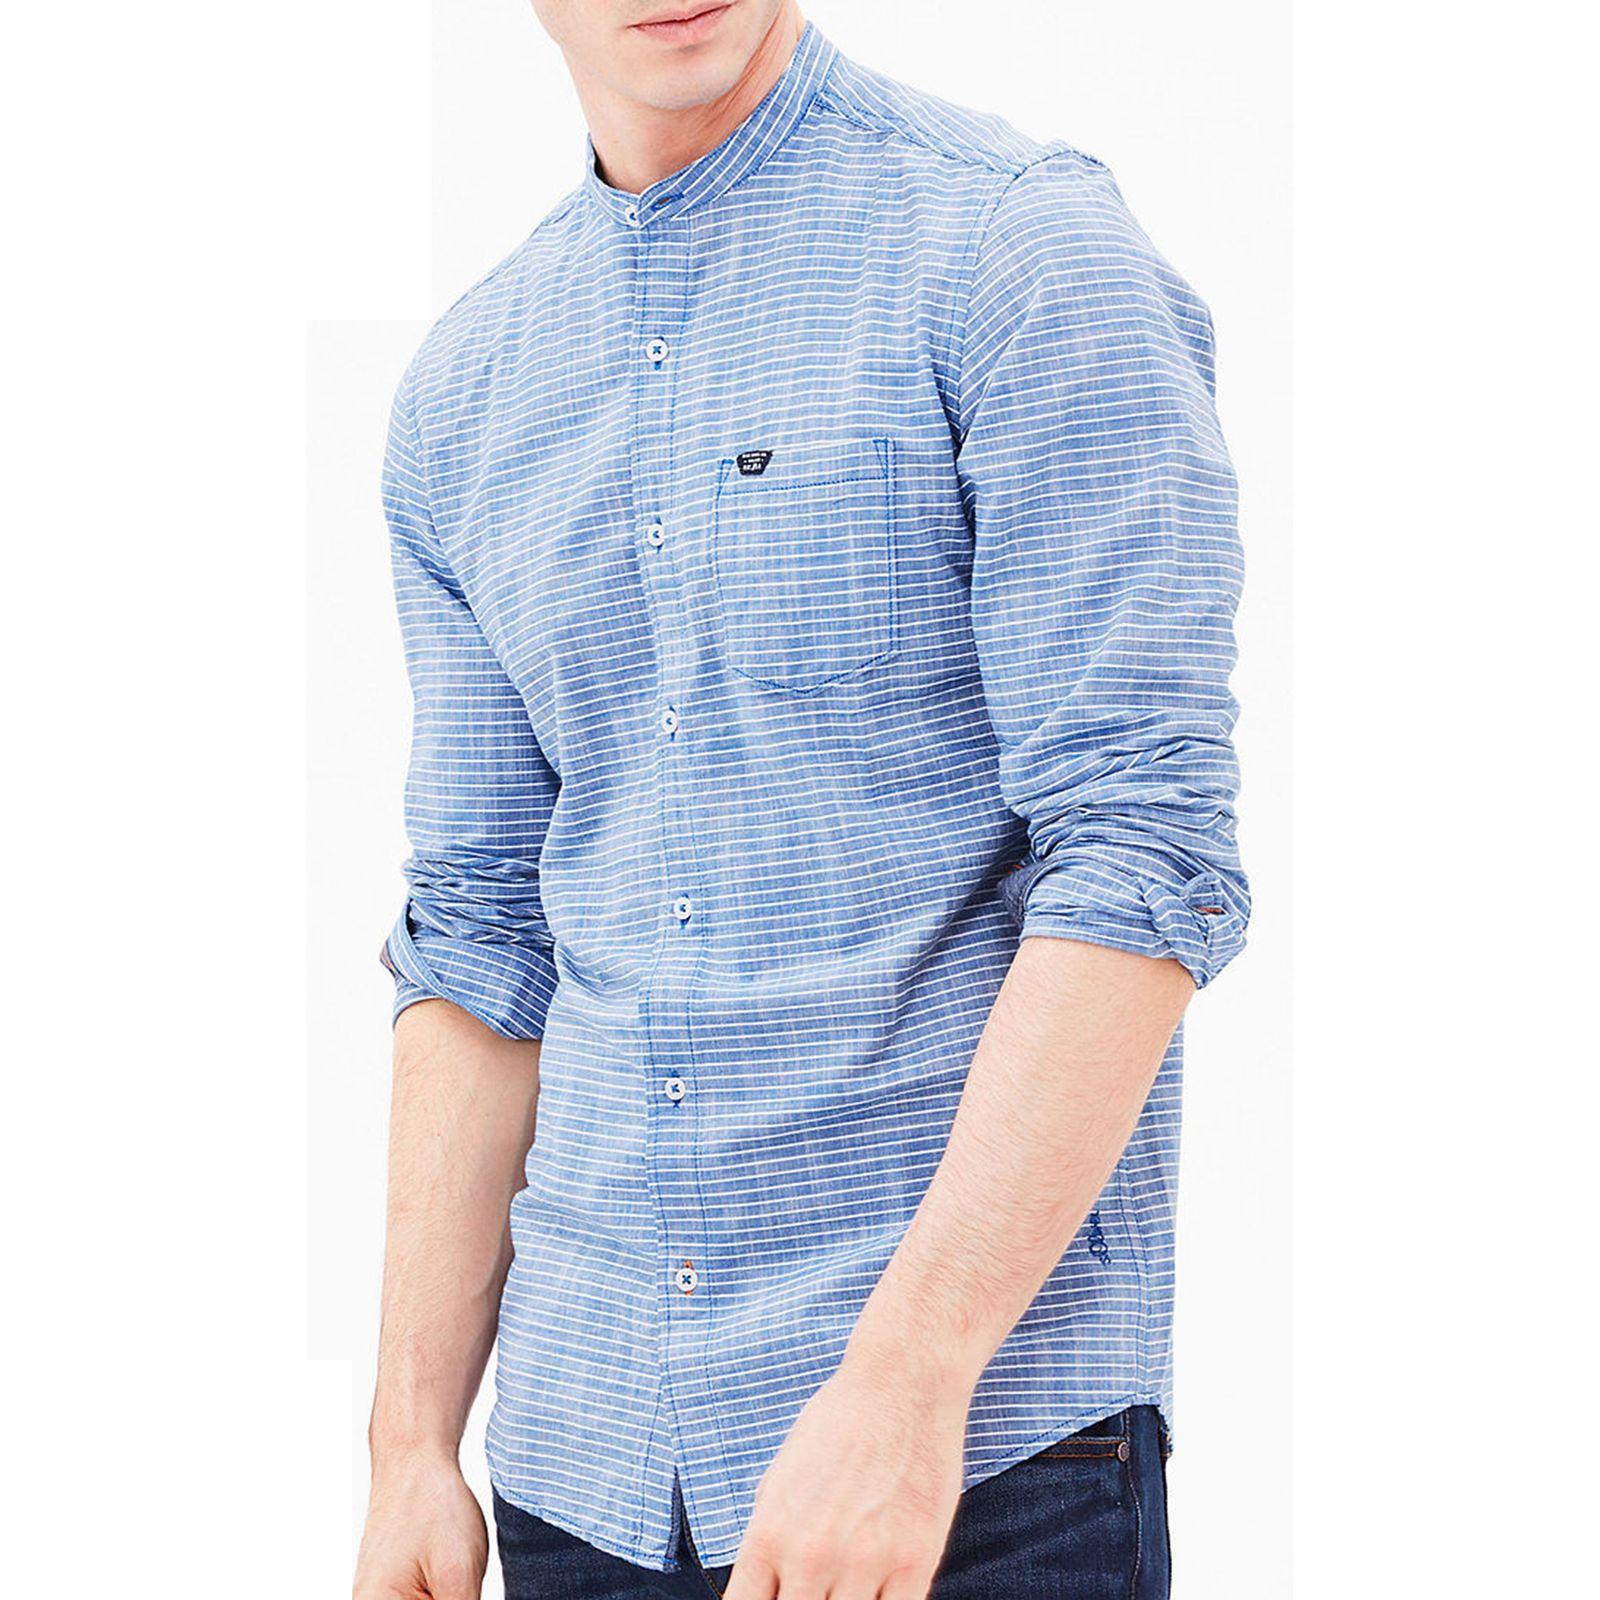 پیراهن نخی آستین بلند مردانه - اس.اولیور - آبي  - 6